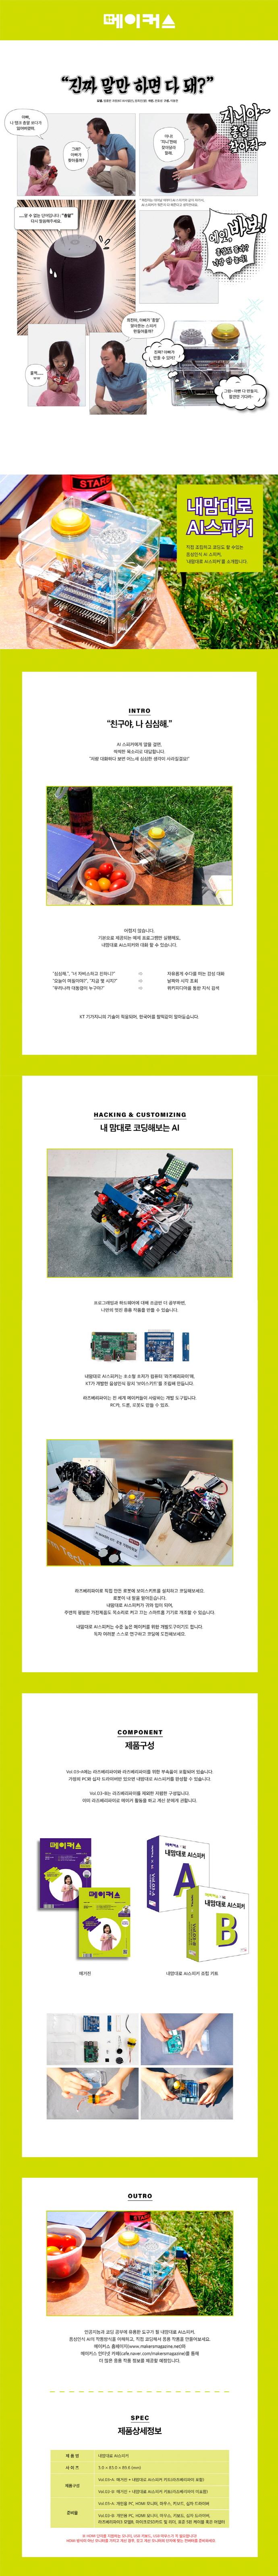 메이커스(Makers): 어른의 과학 Vol. 3: A 내맘대로 AI스피커(AI 메이커스 키트) 도서 상세이미지